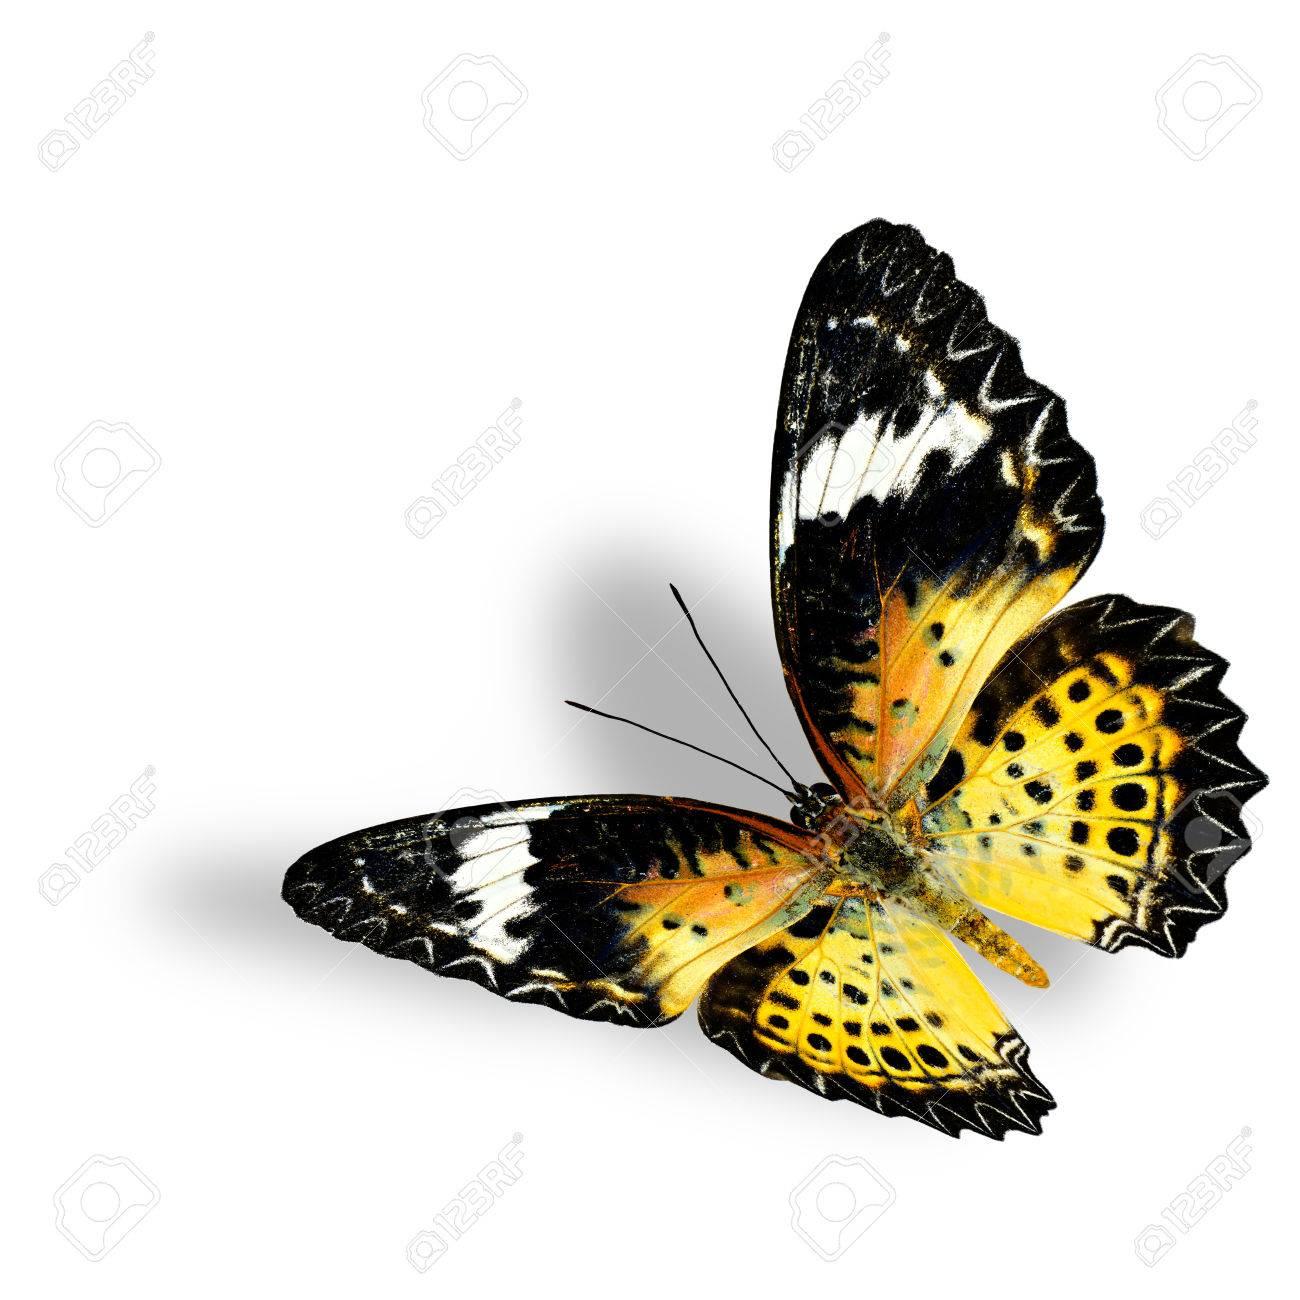 Ausgezeichnet Schmetterling Lebenszyklus Färbung Seite ...